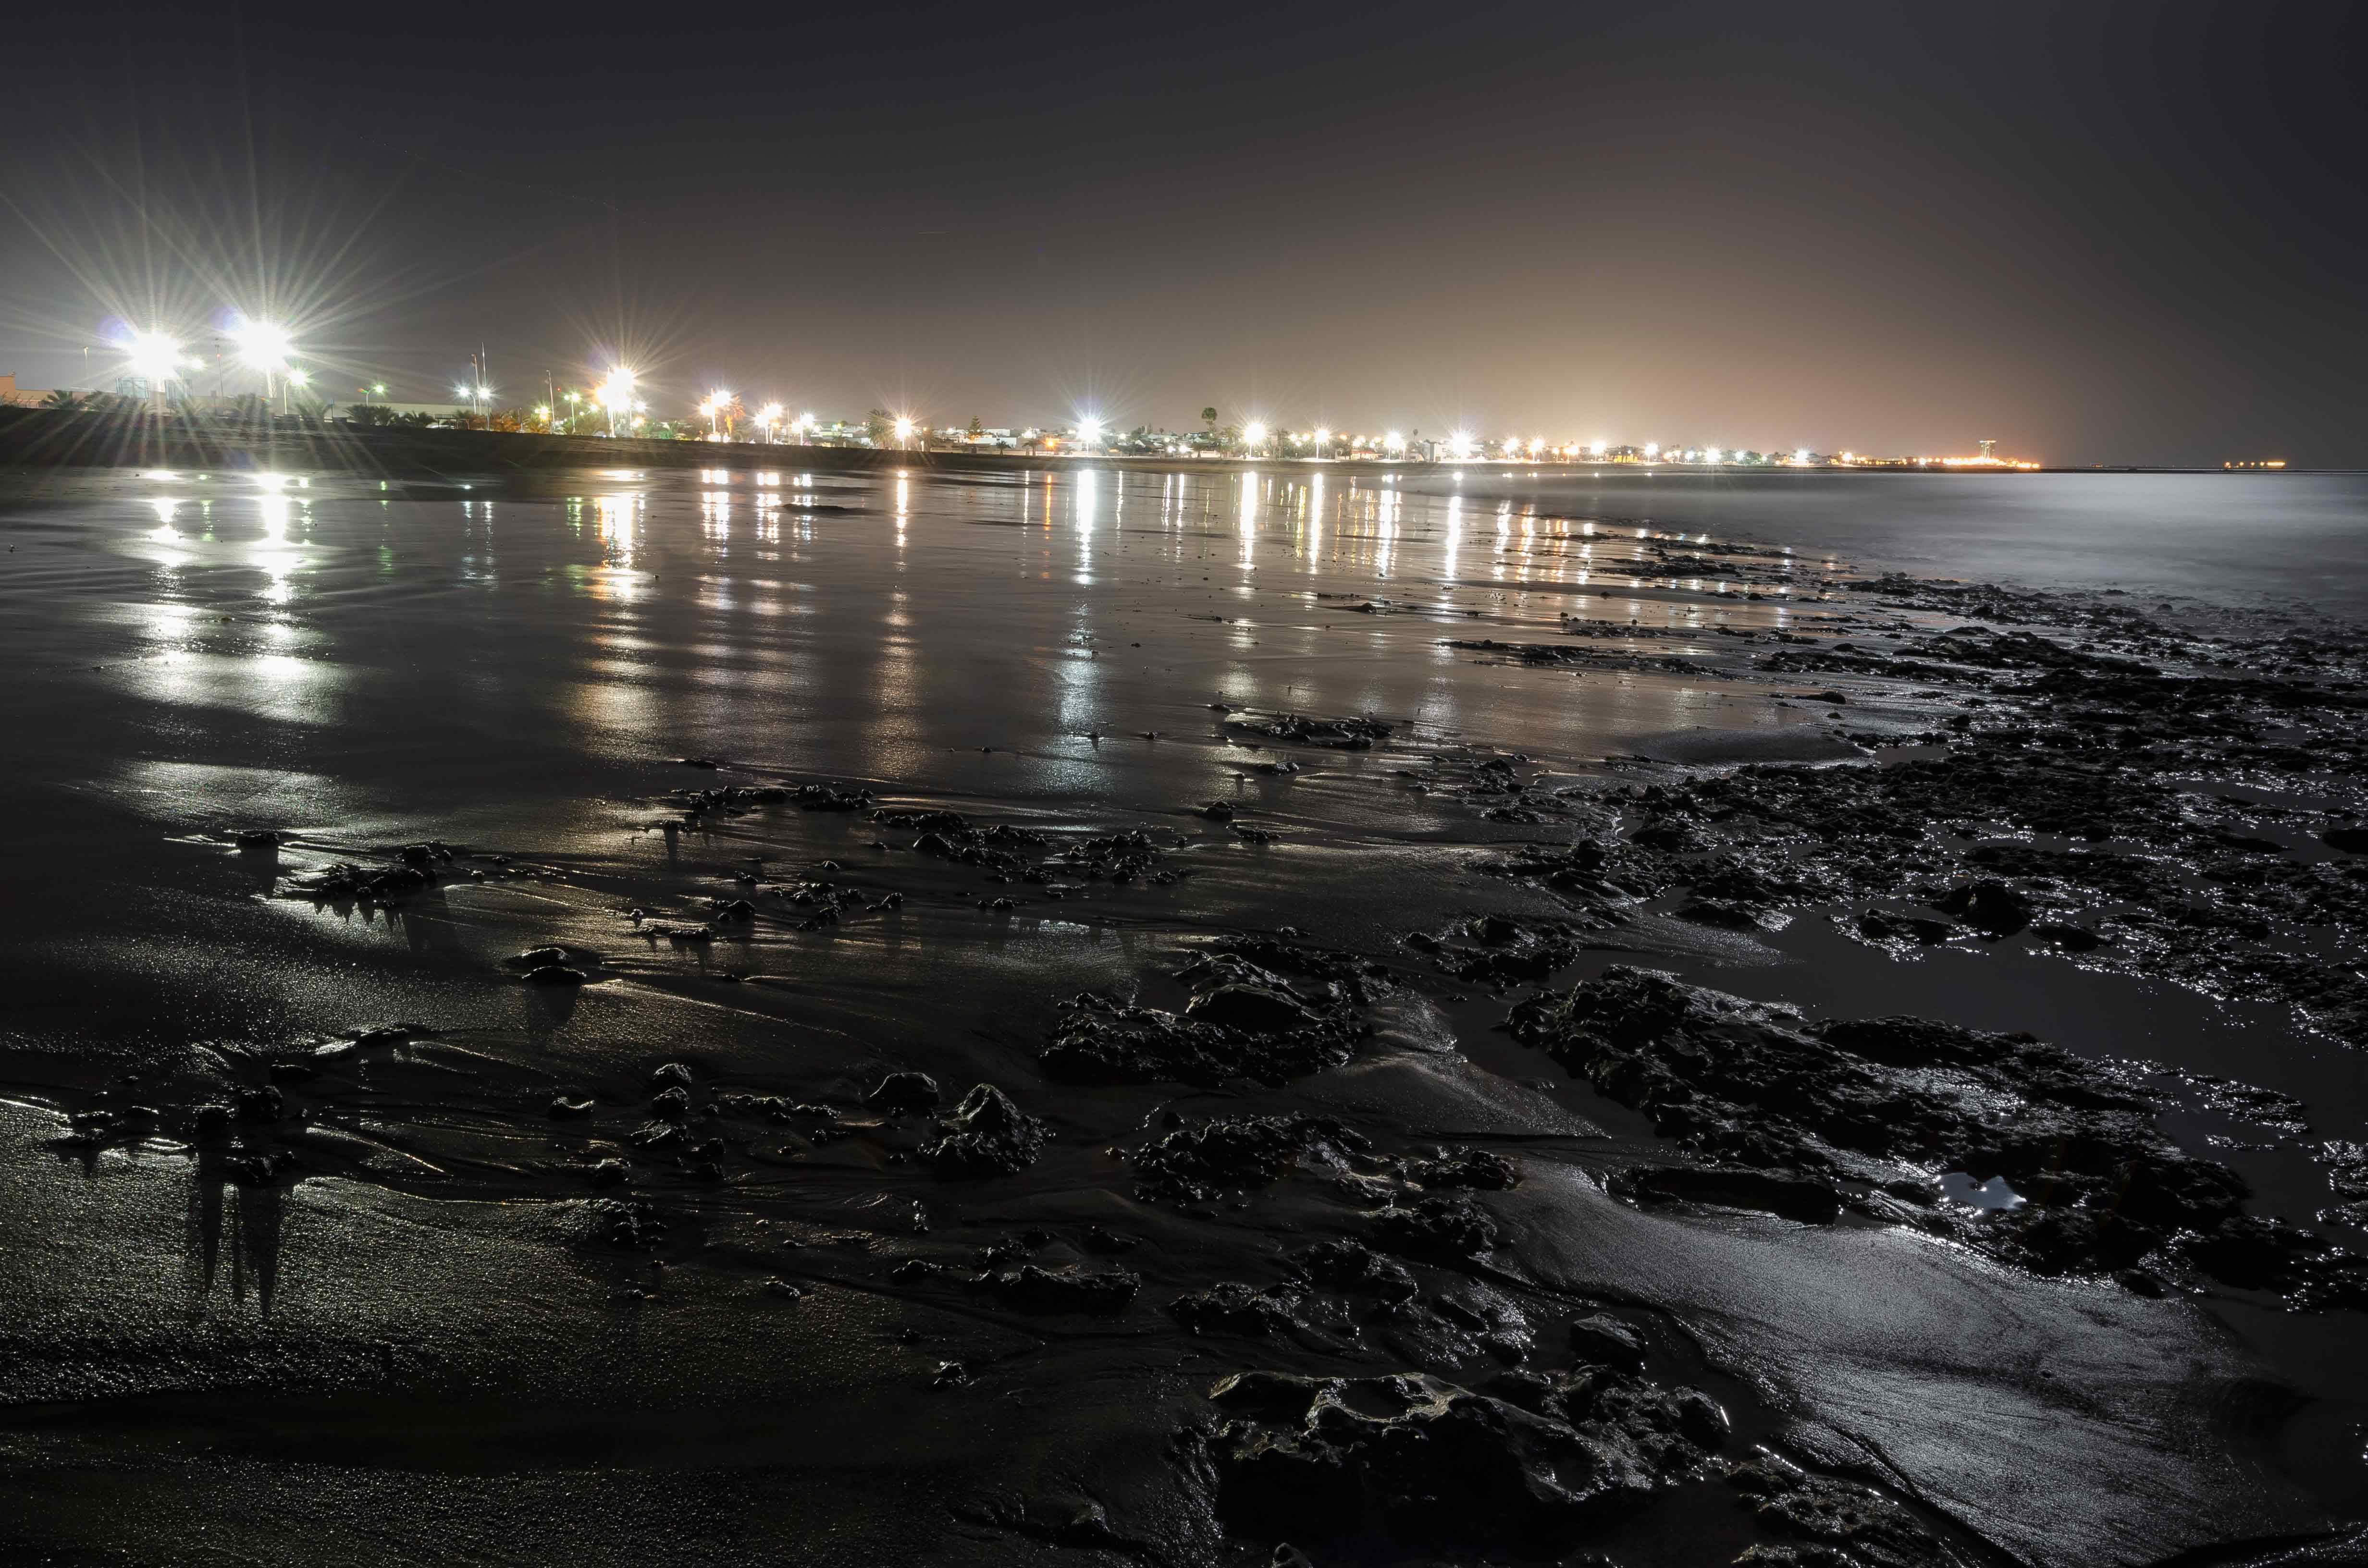 Playa Honda desde la orilla